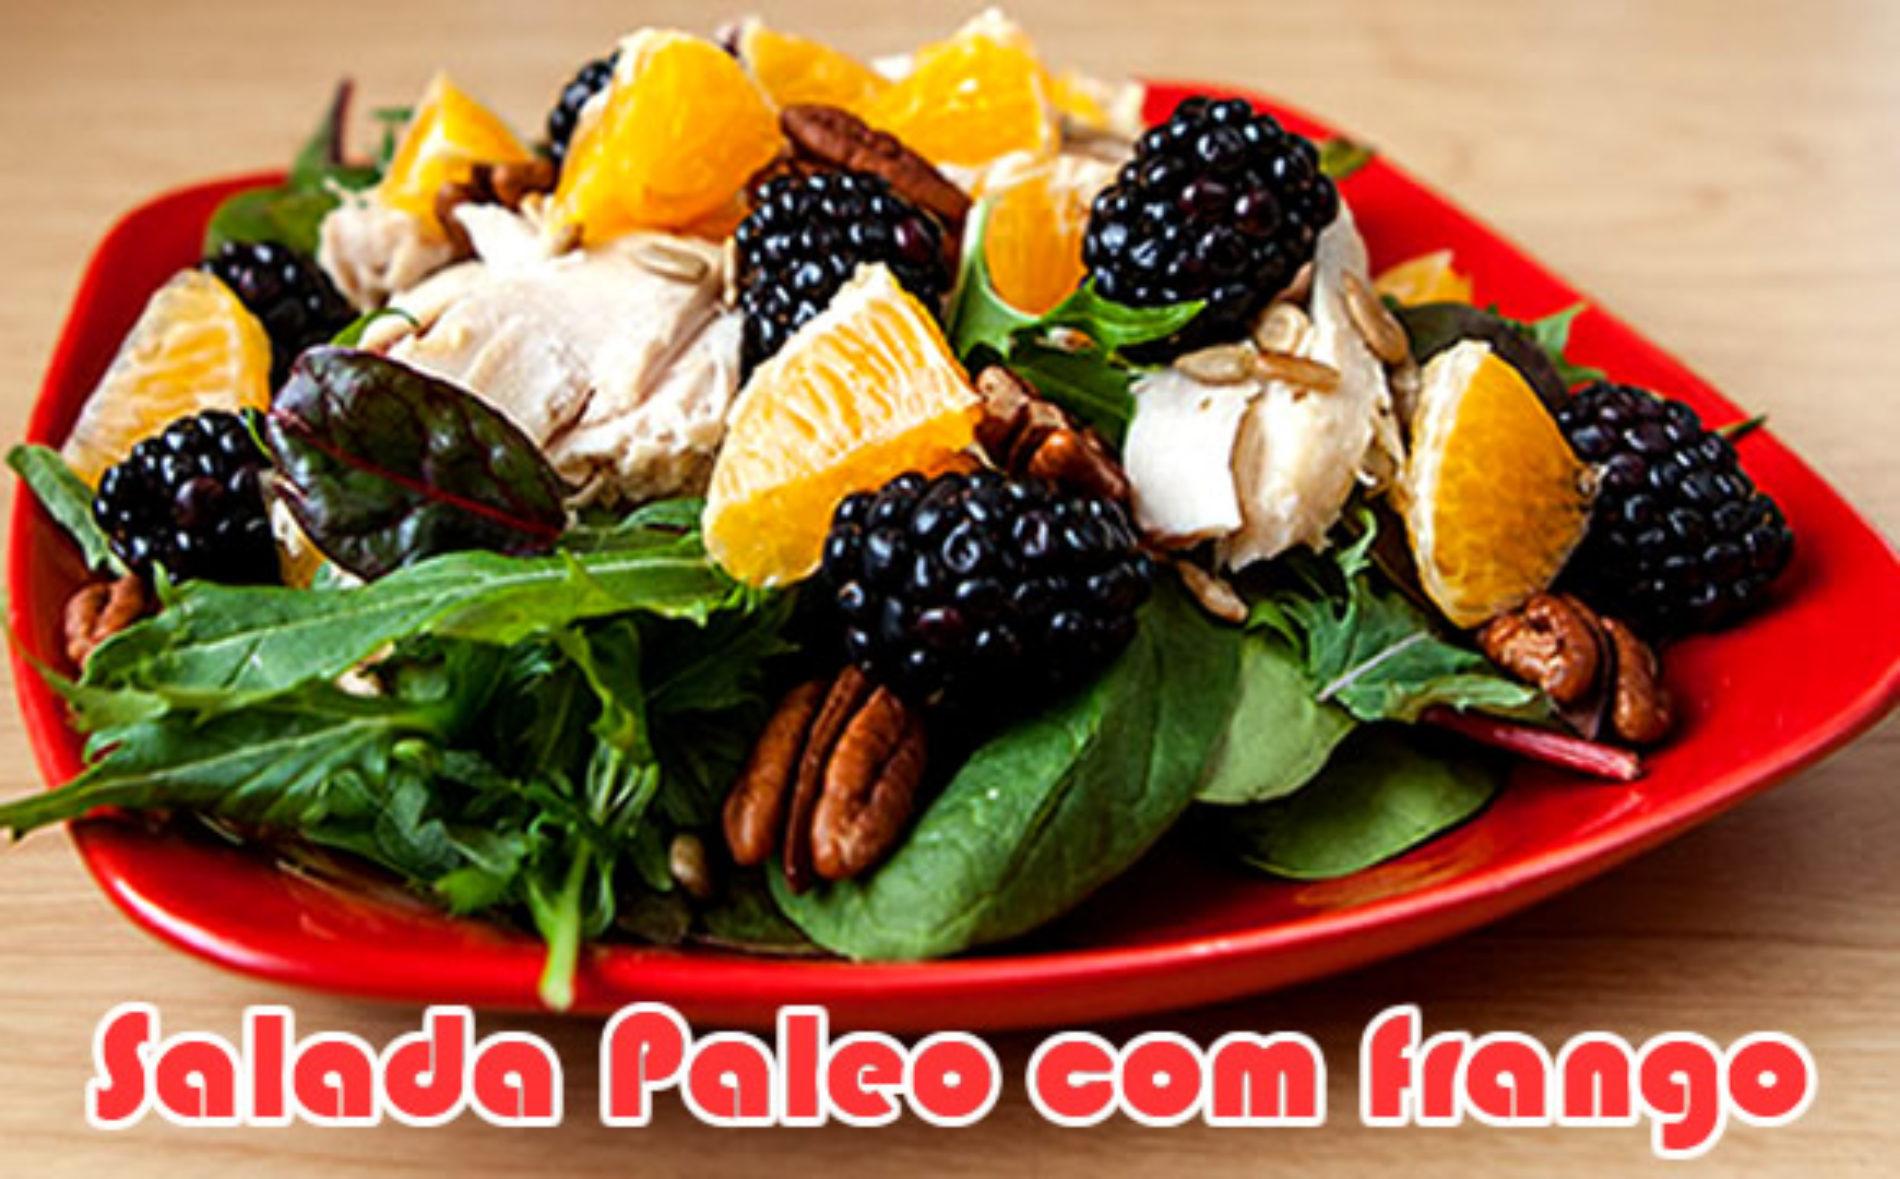 Salada Paleo de frango com laranja e nozes